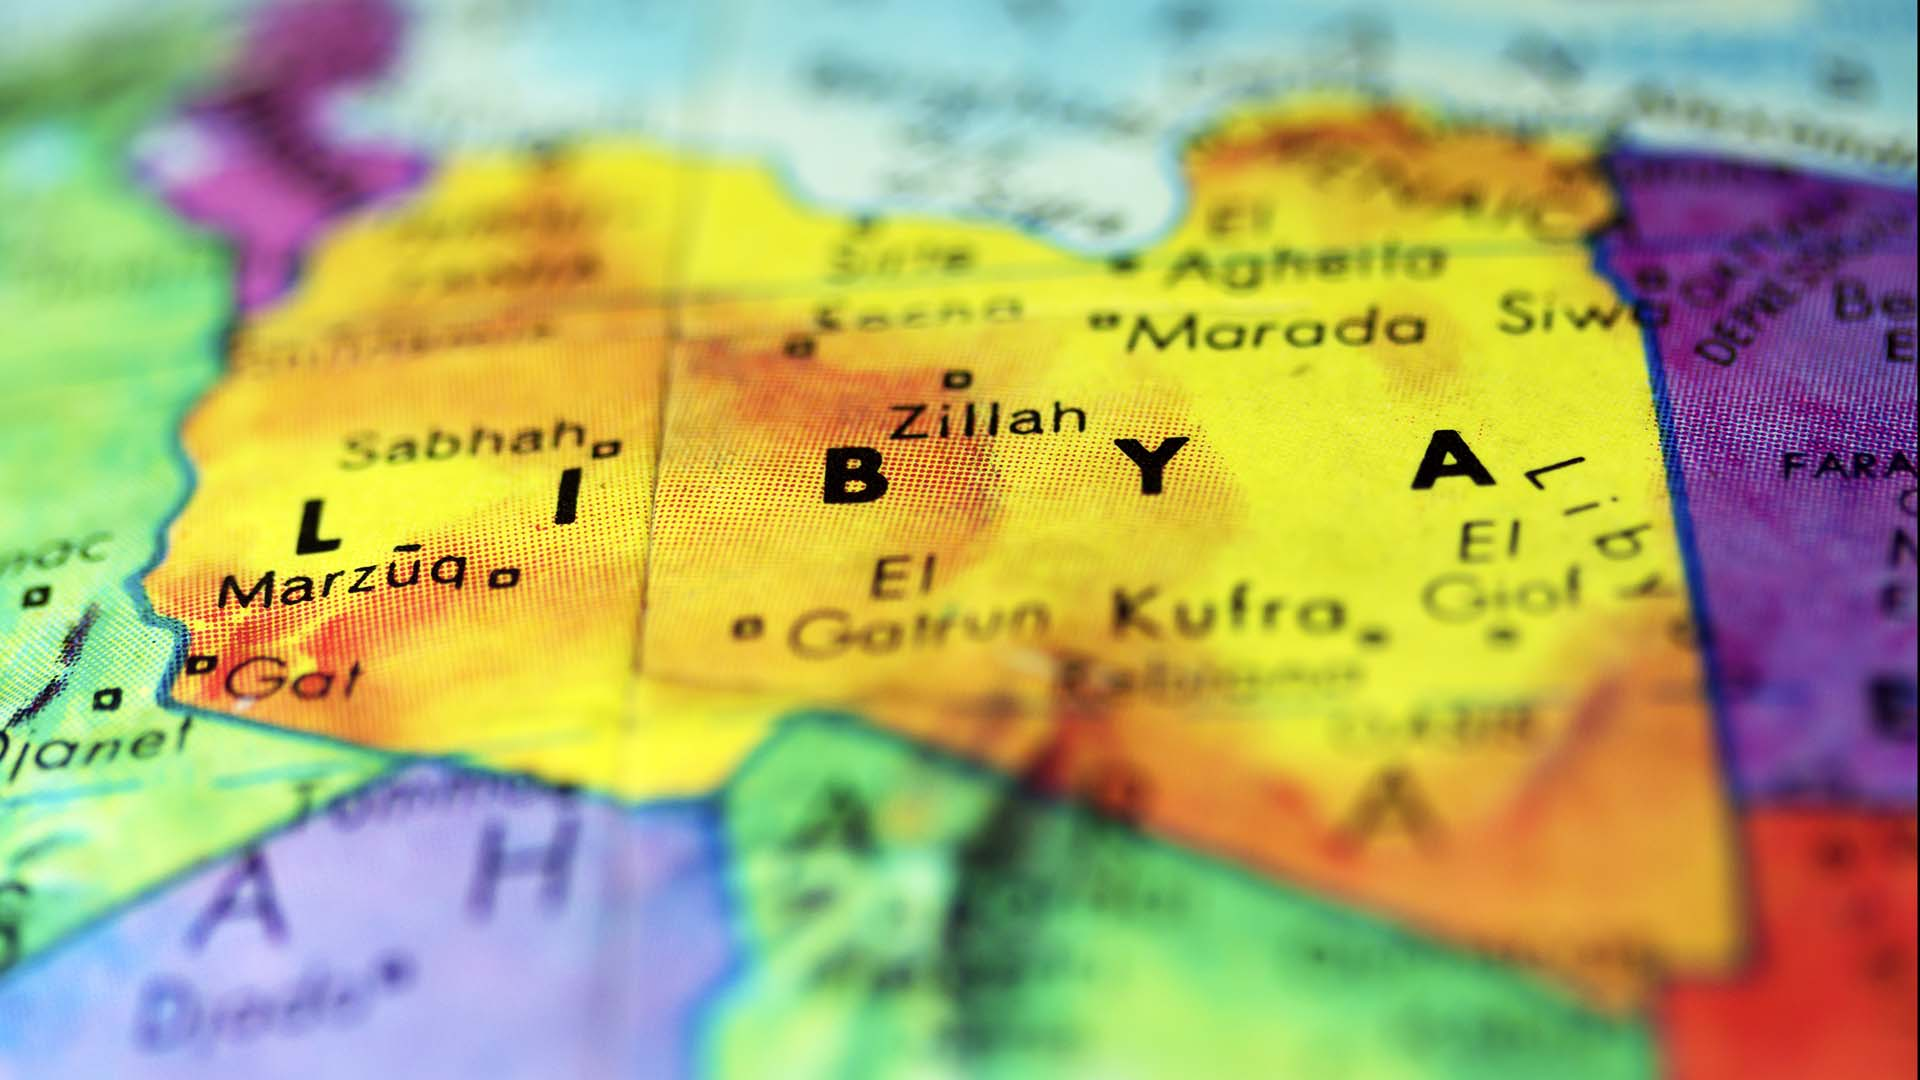 Los cuerpos fueron encontrados en la costa al este de Trípoli, capital libia